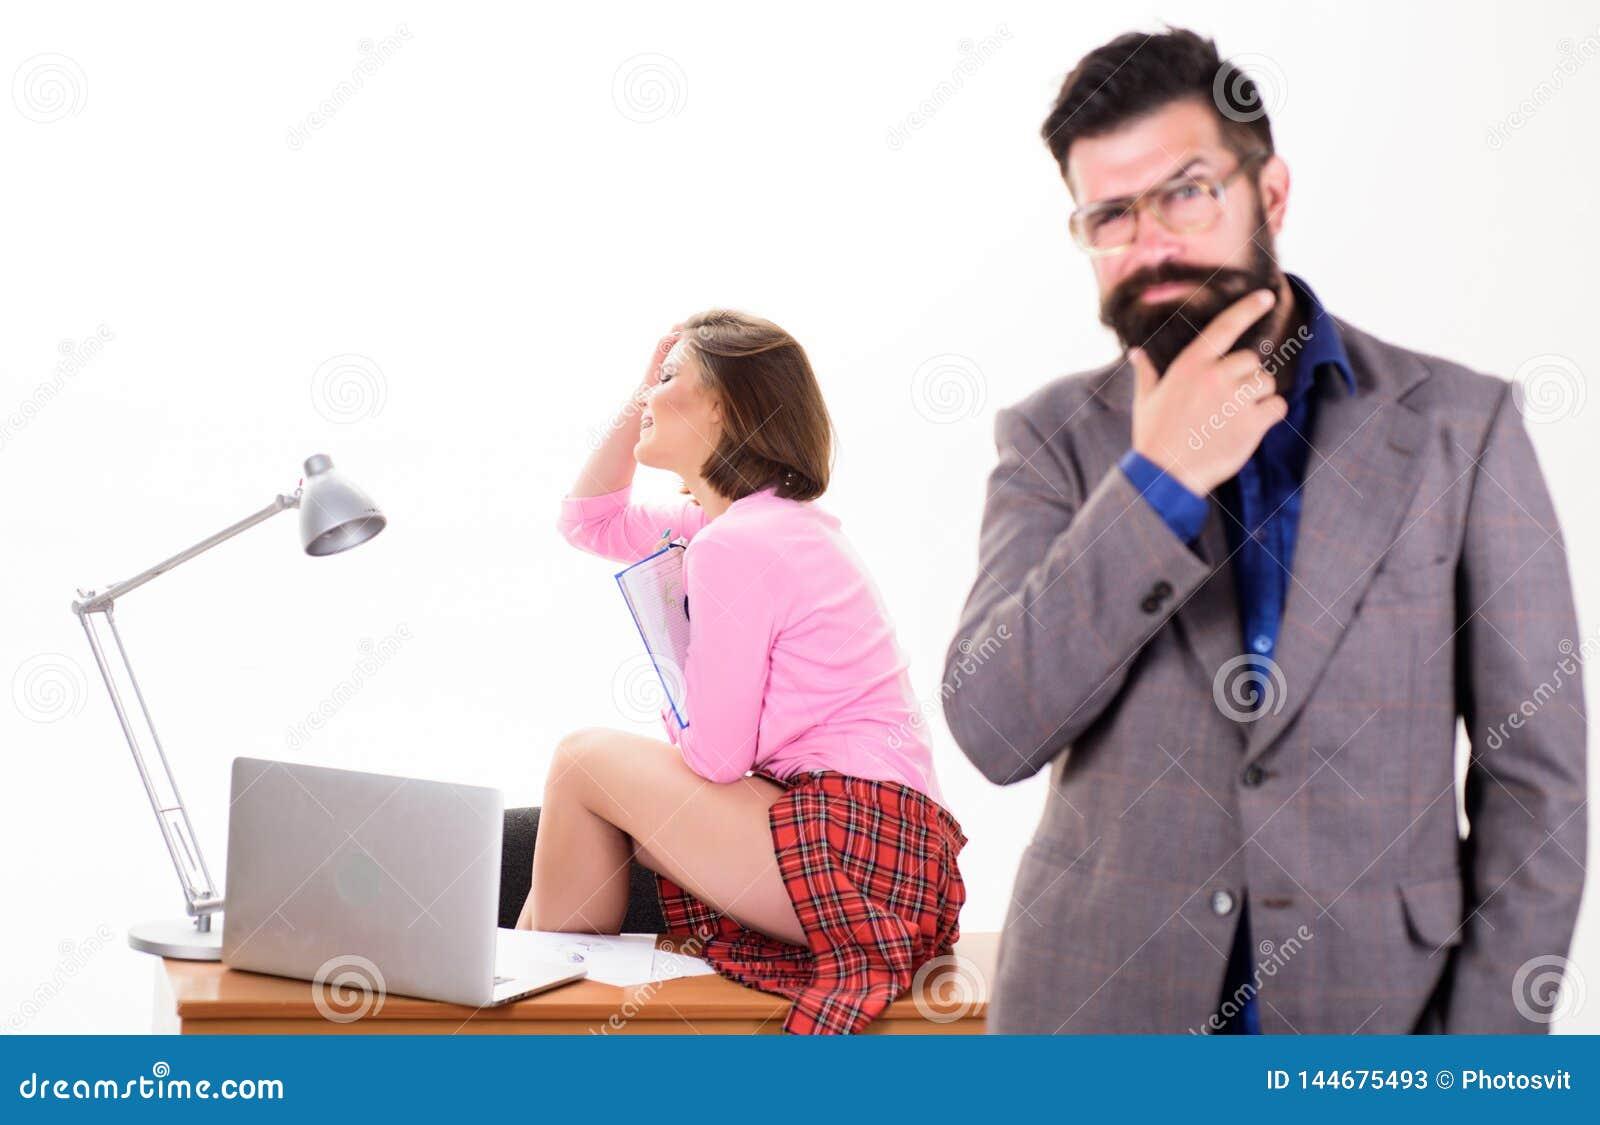 Sexig damkontorsarbetare Sexig personlig sekreterare desire full Ha fruktdryck p? arbete att ?ka sexuell lust Sk?ggigt framsticka